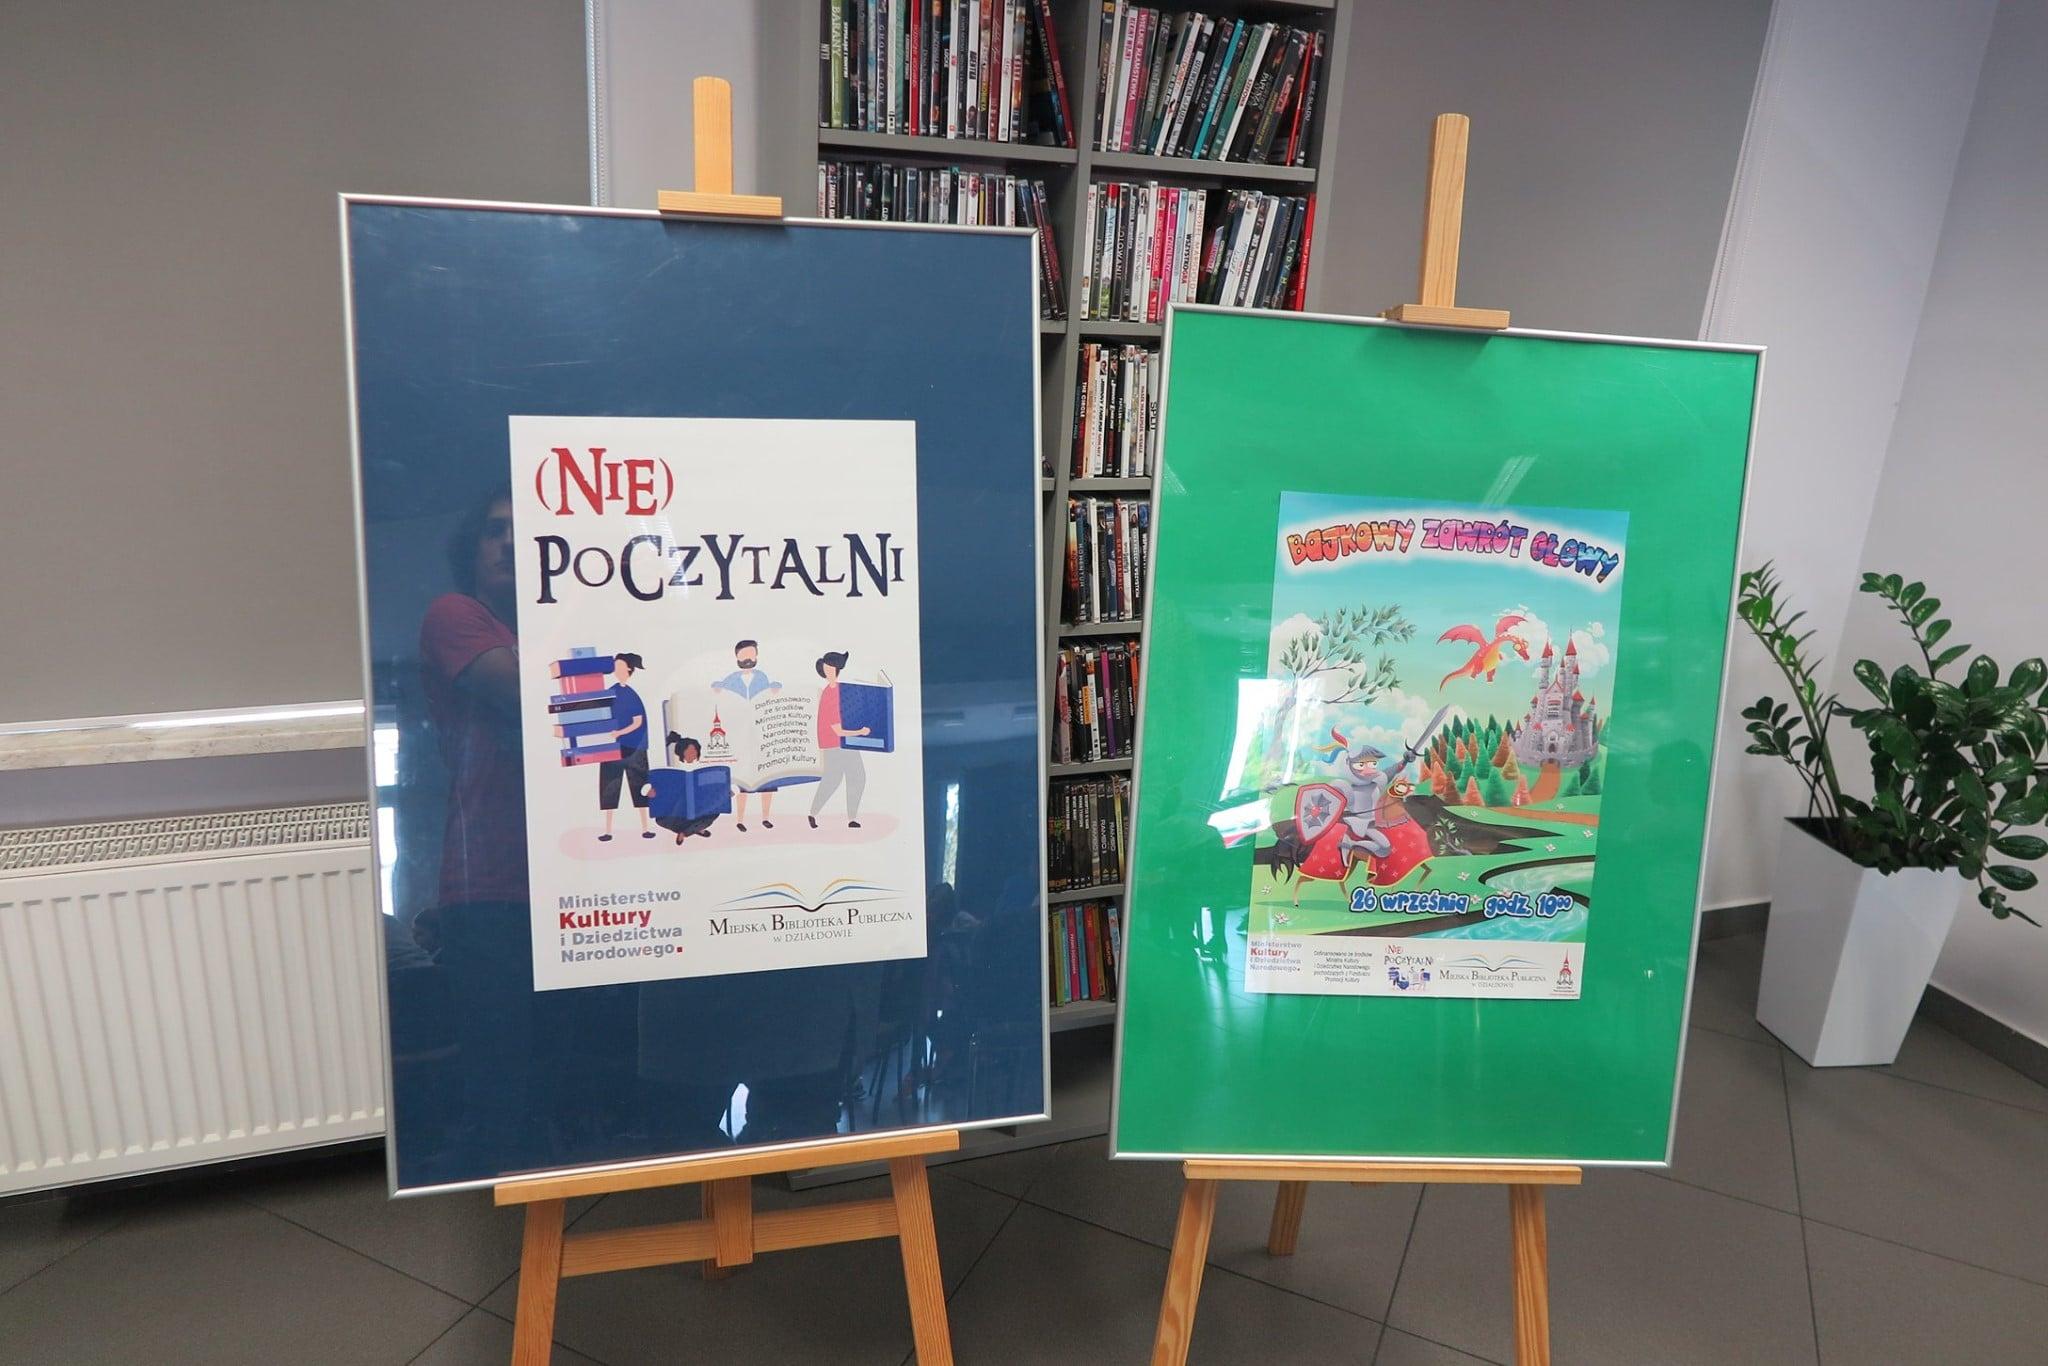 Dwie sztalugi z plakatami. Na sztaludze z niebieskim tłem plakat (Nie) poczytalni, na sztaludze z  zielonym tłem plakat Bajkowy Zawrót Głowy.